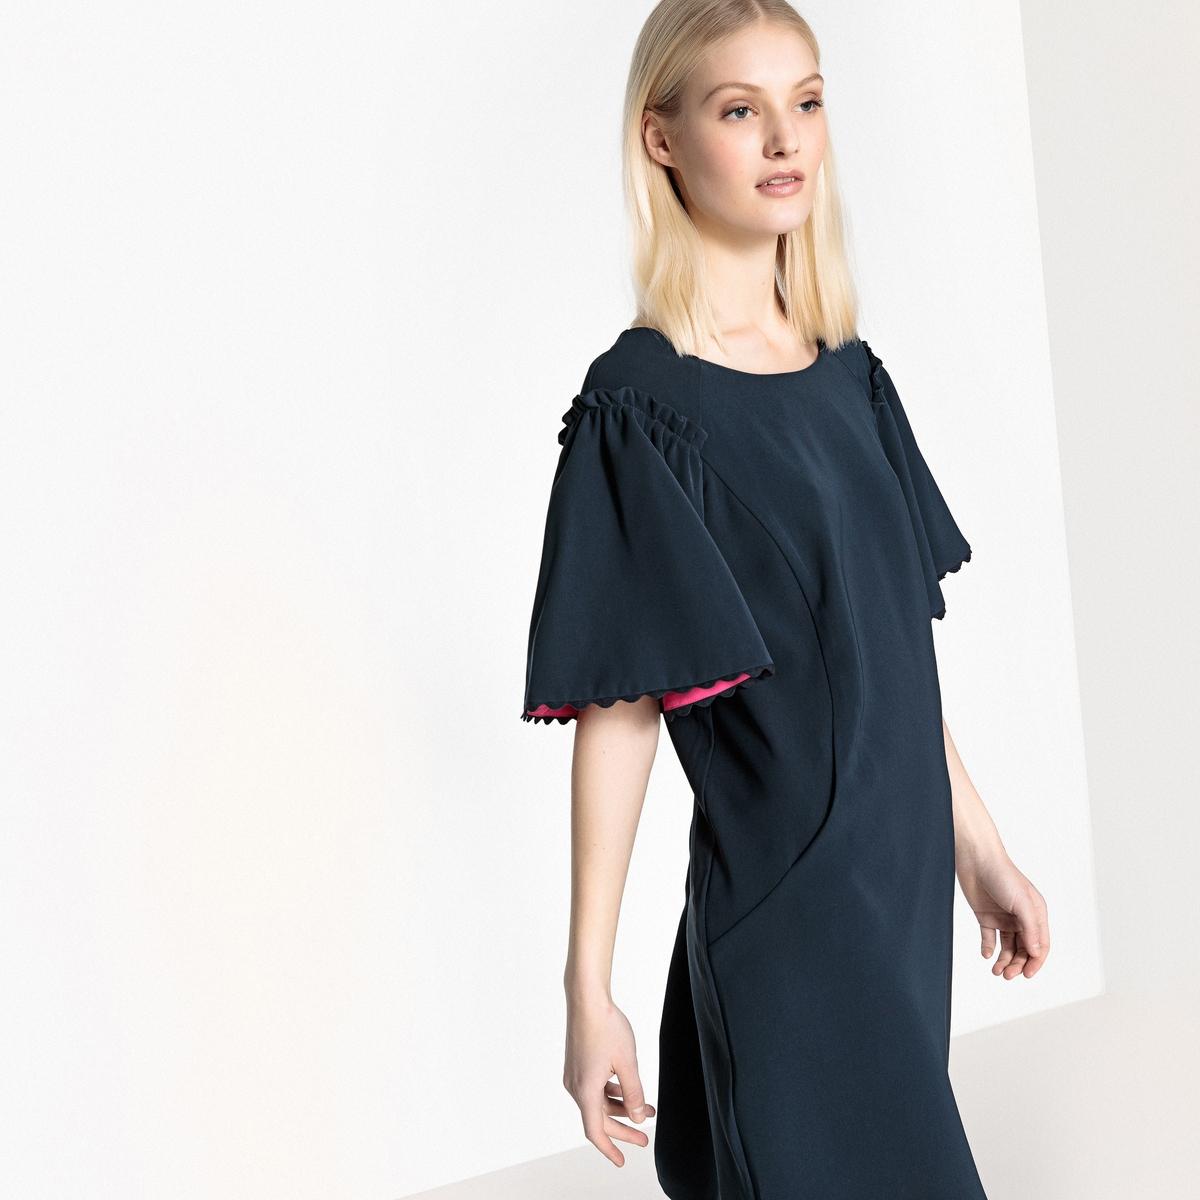 Платье LaRedoute Короткое прямое однотонное с короткими рукавами 36 (FR) - 42 (RUS) синий платье la redoute короткое расклешенное в горошек с ажурными бретелями 42 fr 48 rus синий